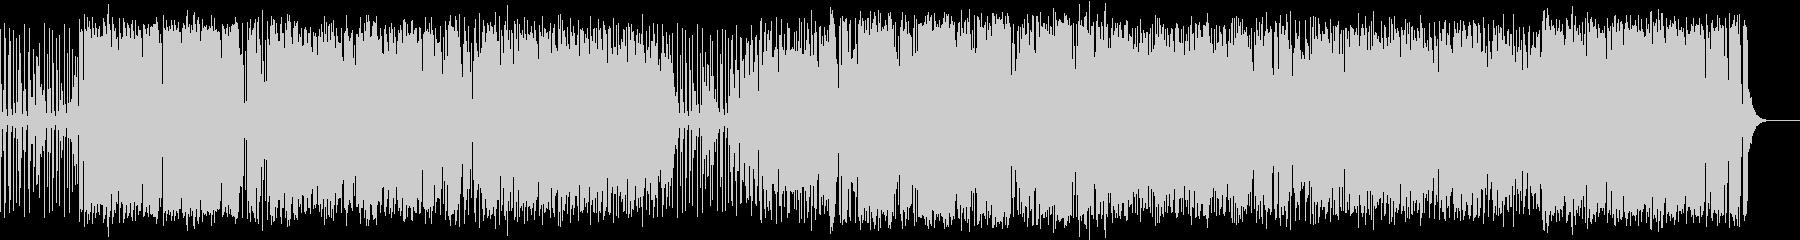 ピアノ・ベース・ドラム編成の舞曲風ジャズの未再生の波形